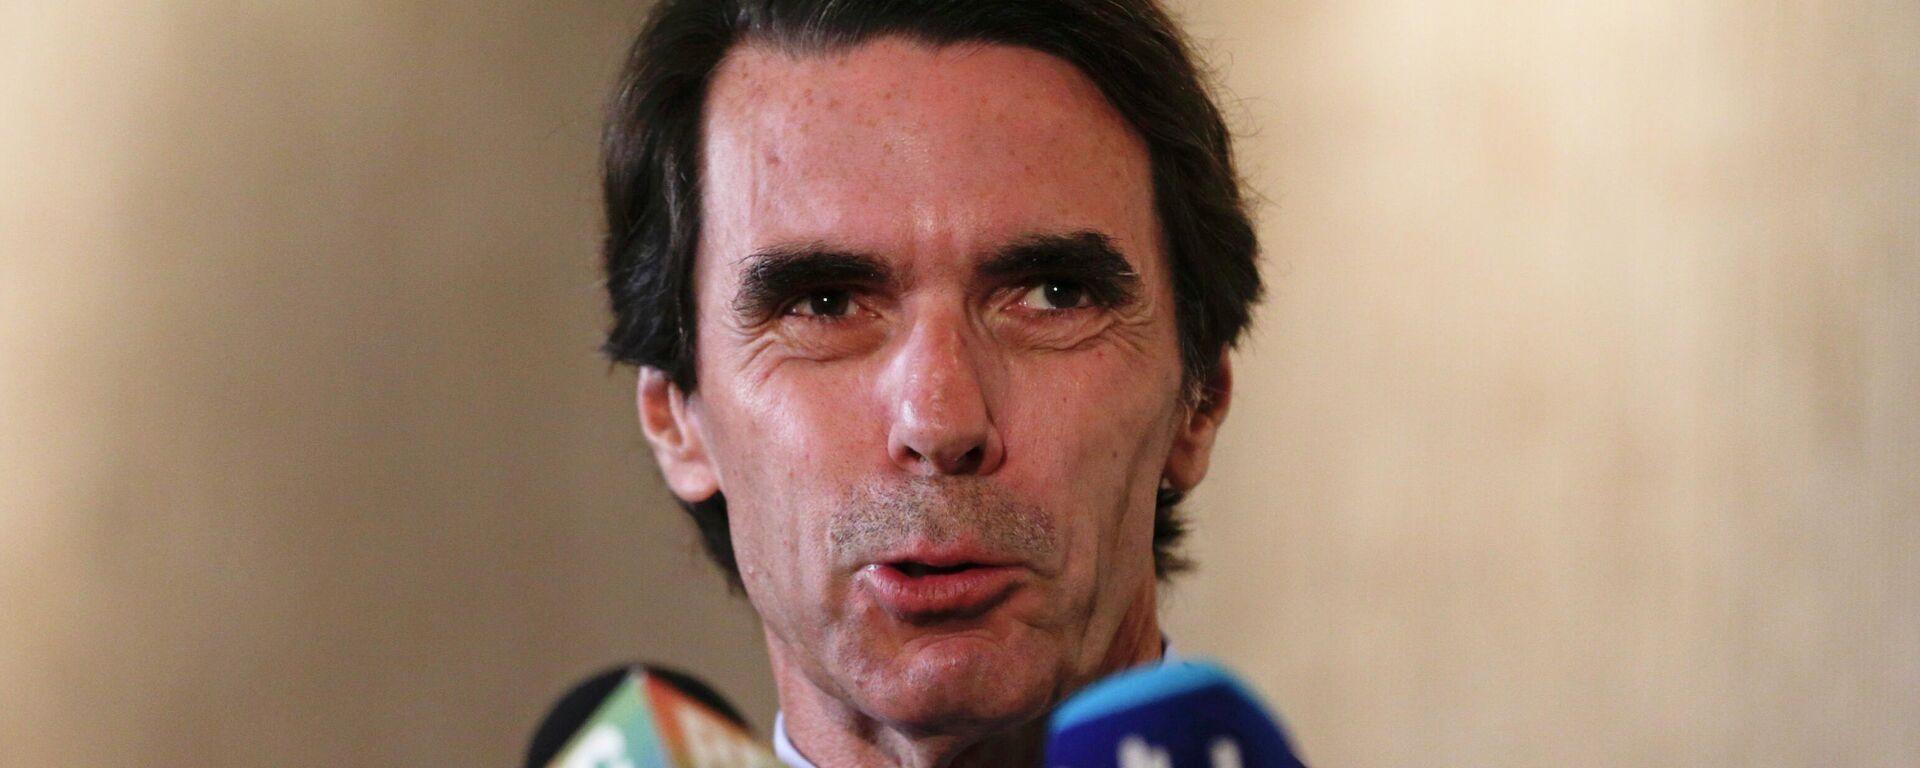 José María Aznar, expresidente del Gobierno de España  - Sputnik Mundo, 1920, 01.10.2021